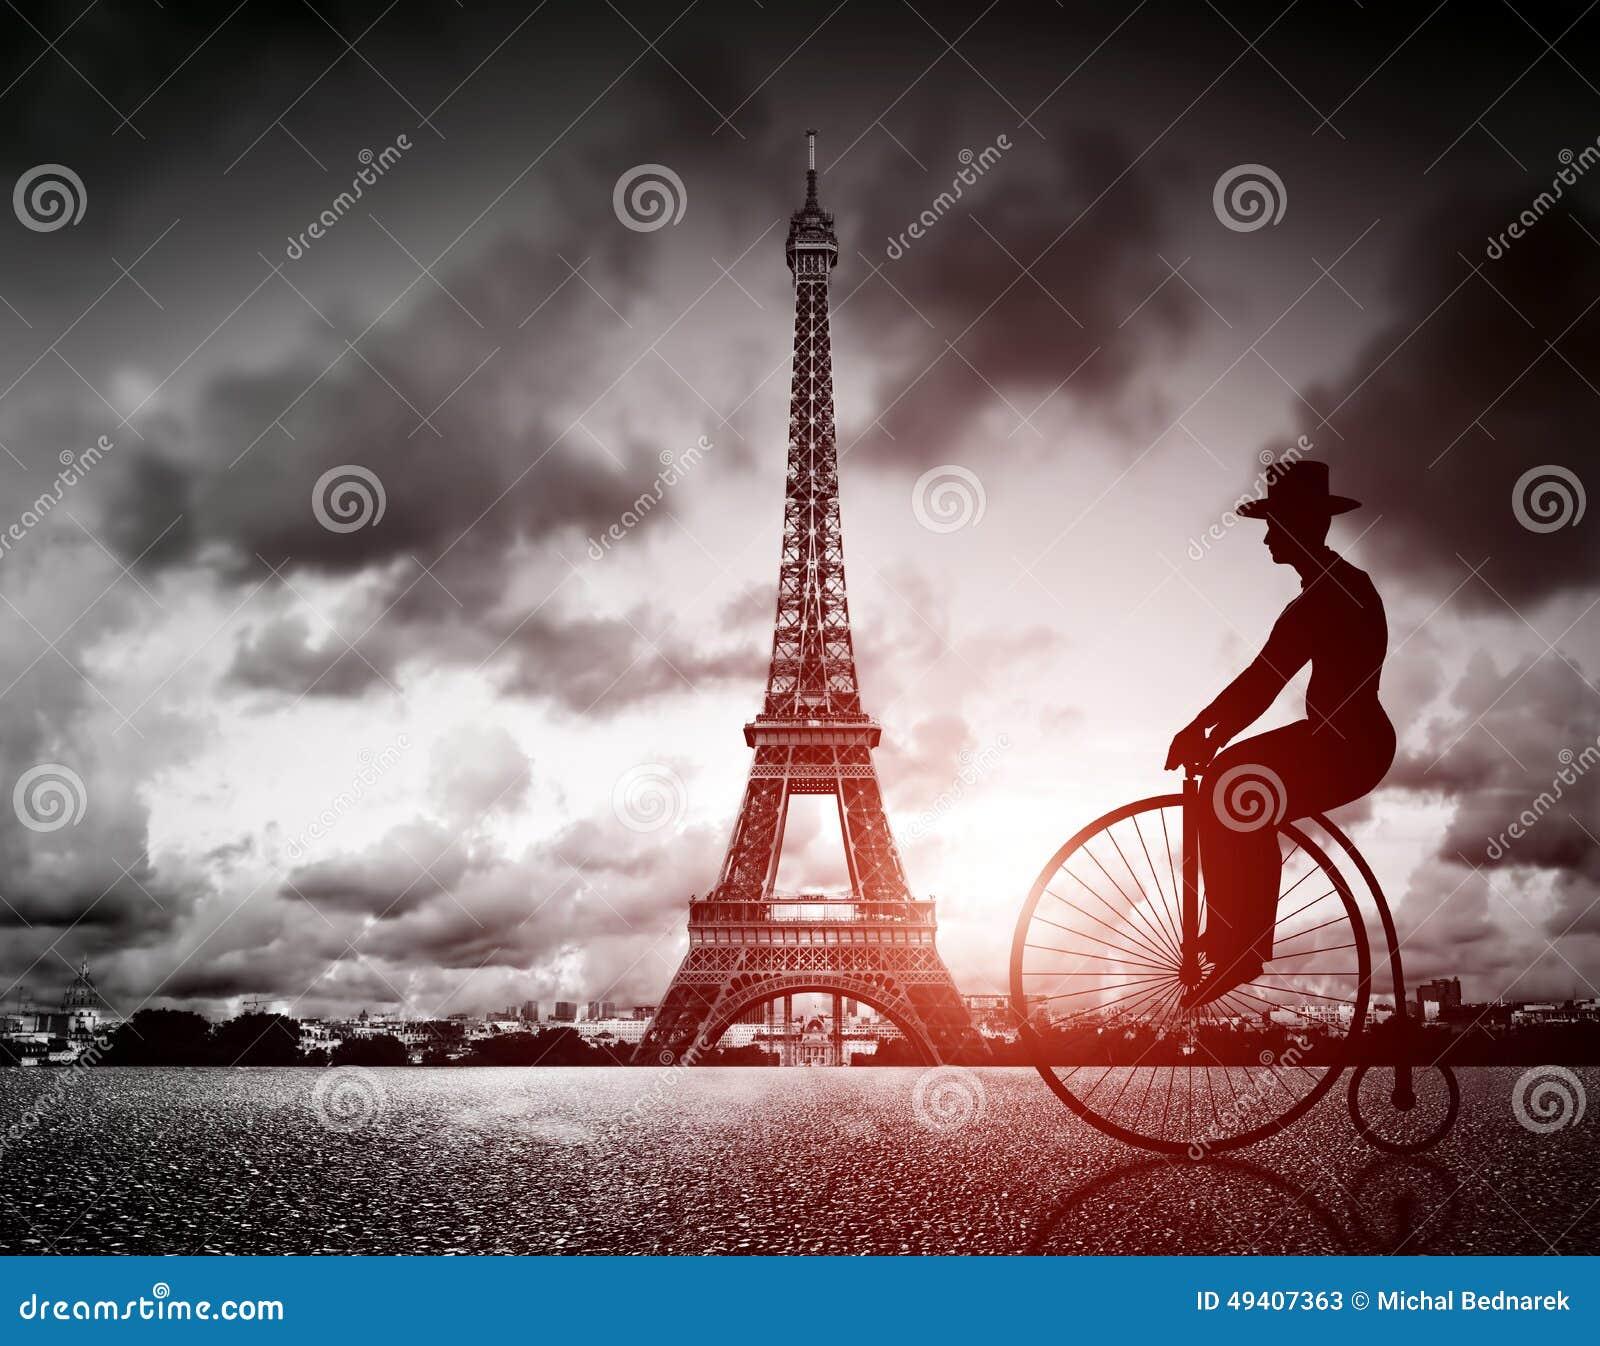 Άτομο στο αναδρομικό ποδήλατο δίπλα στον πύργο Effel, Παρίσι, Γαλλία